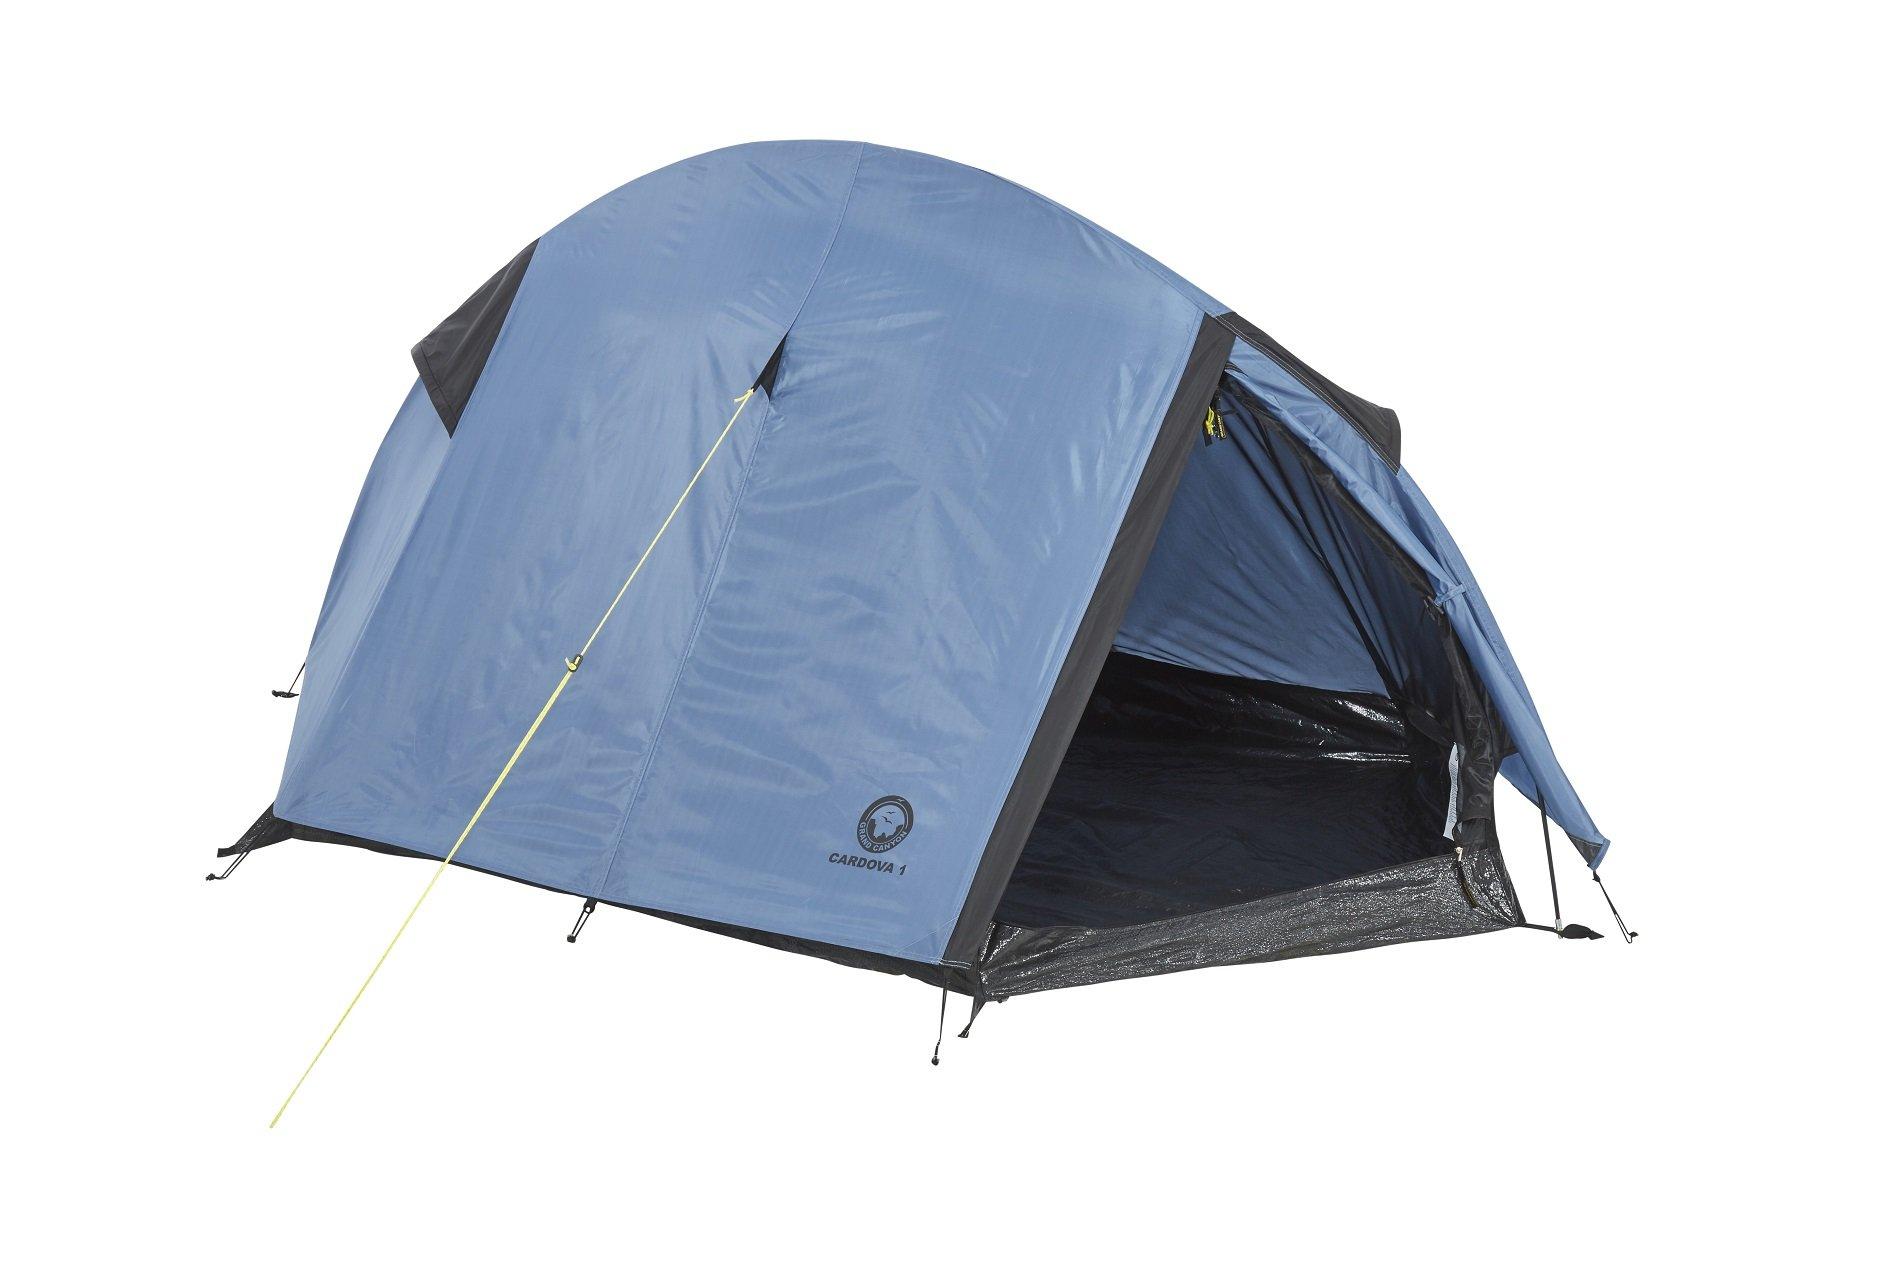 Kuppelzelt Einmannzelt Festival Camping GRAND CANYON 1-2 Personen Zelt Hangout